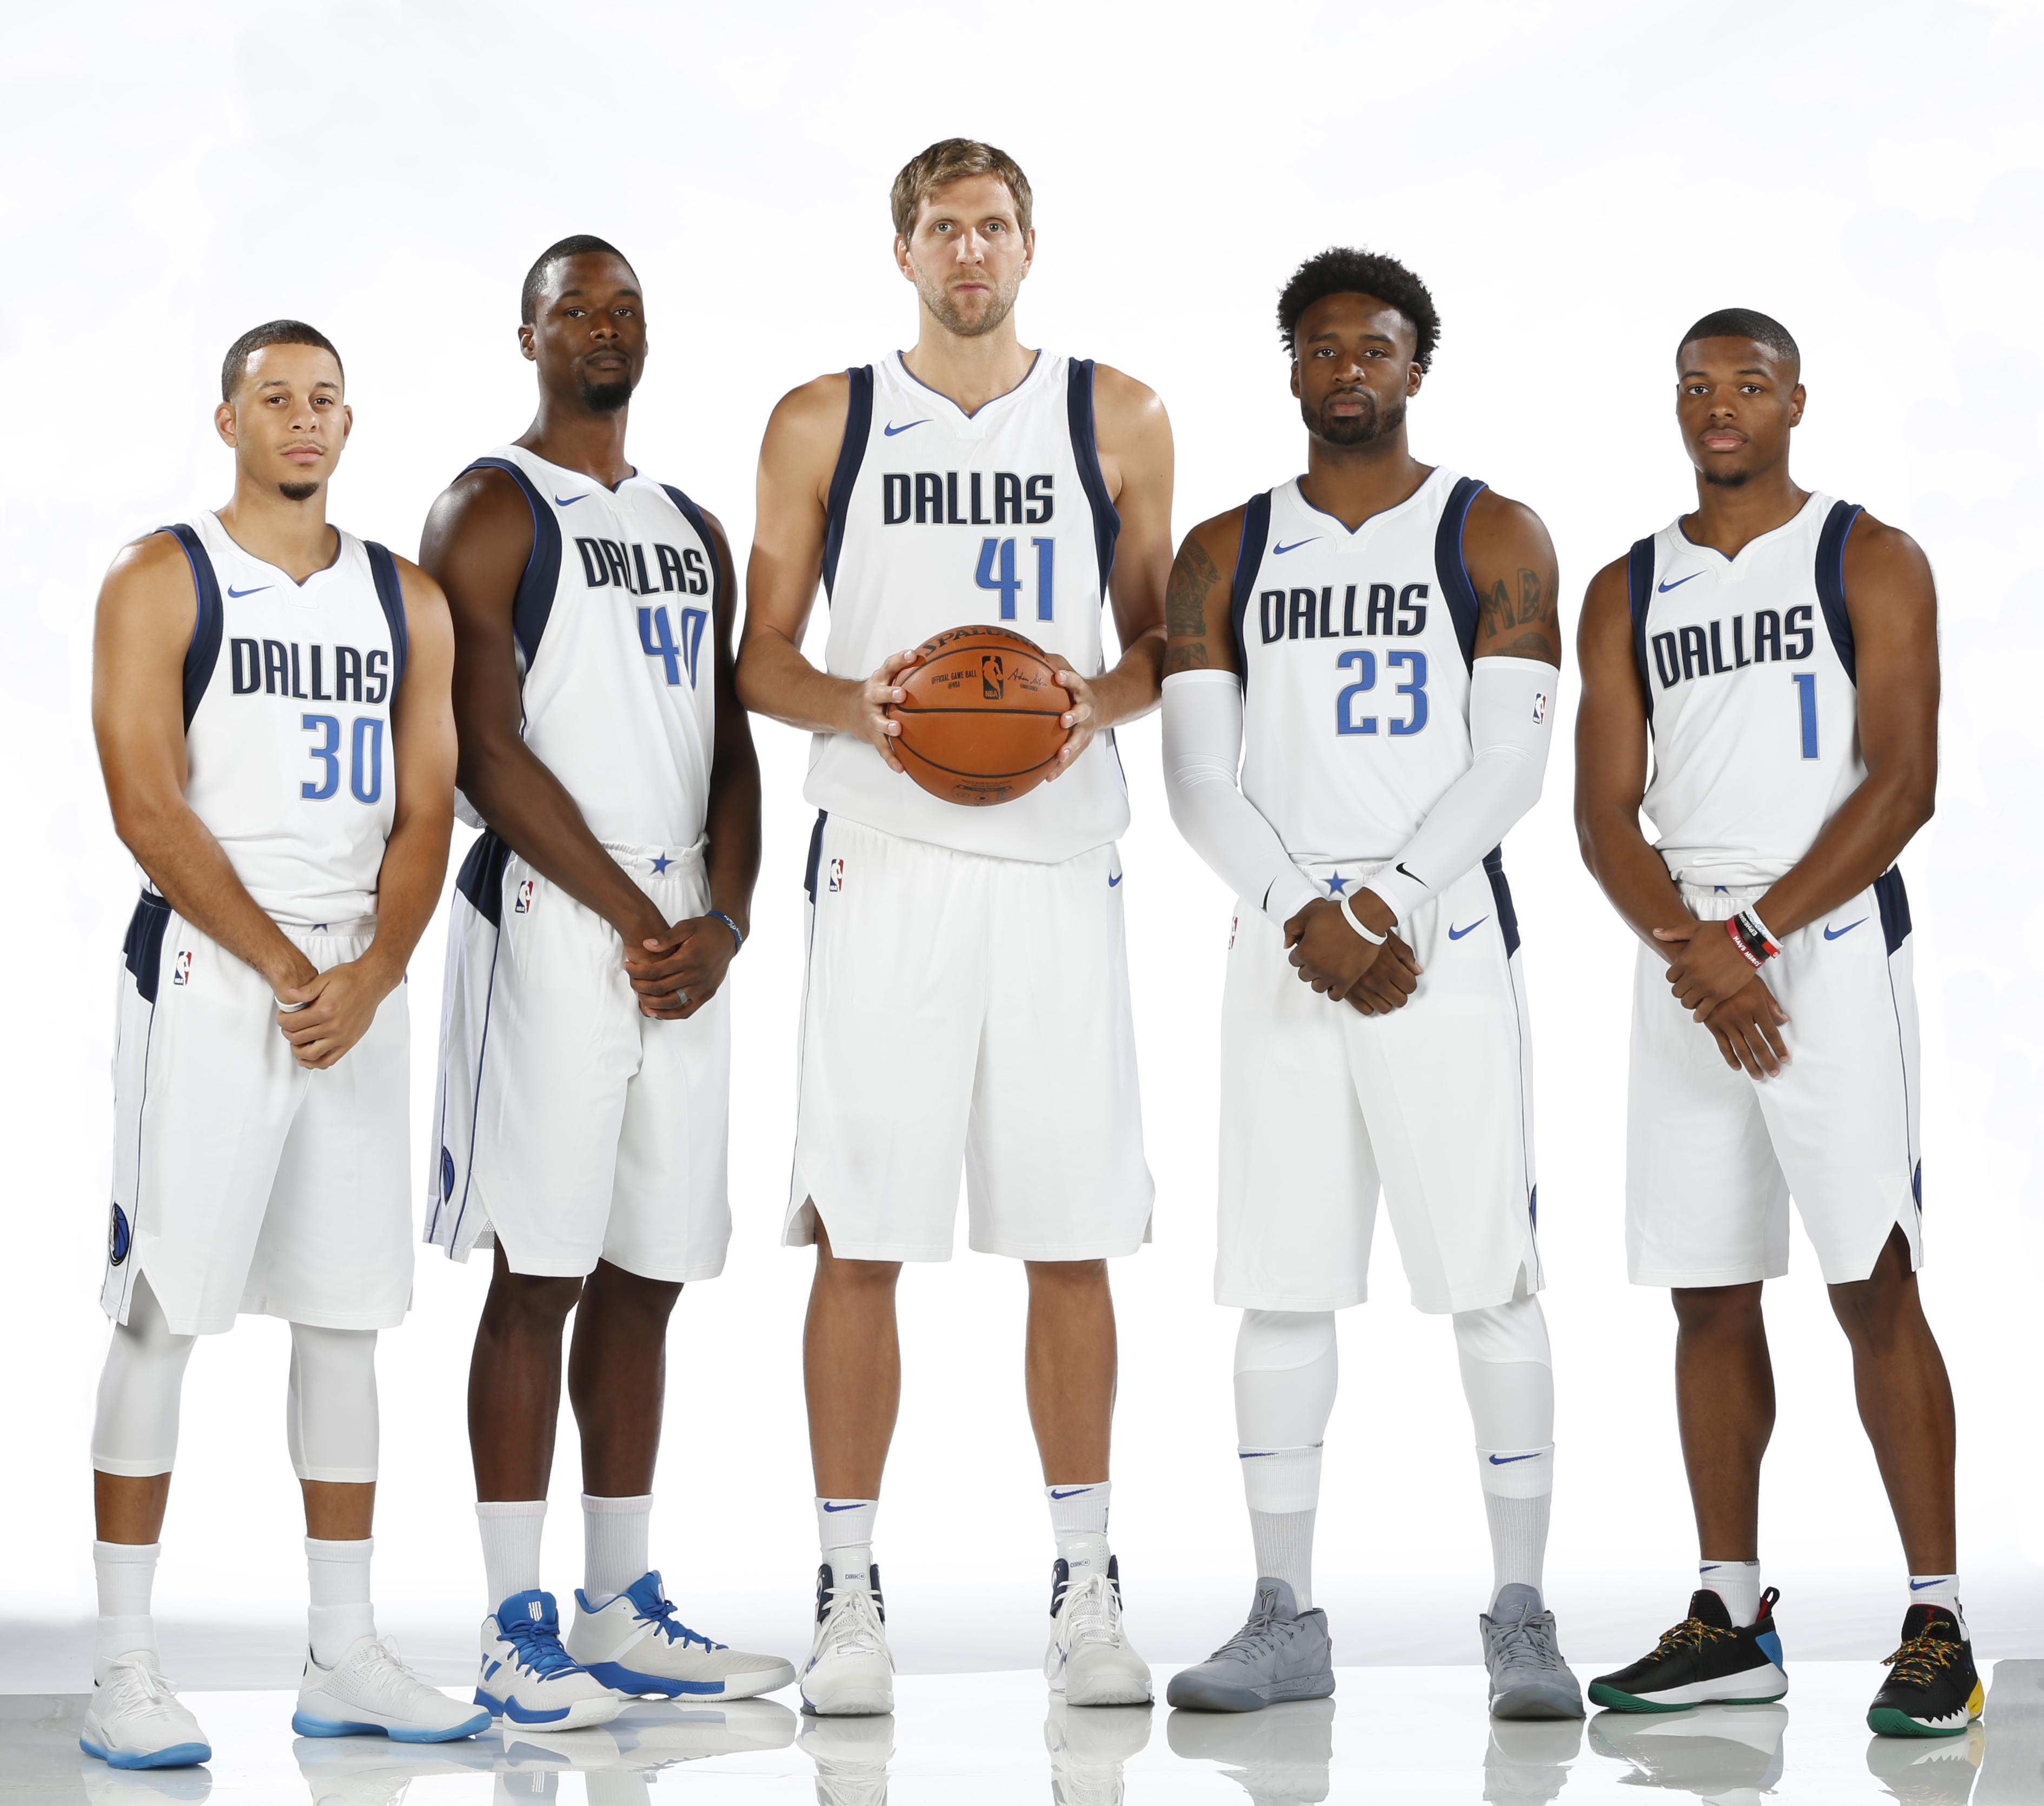 دالاس ماوریکس از ایالت تگزاس، دومین تیم لیگ بسکتبال NBA که بیتکوین را میپذیرد